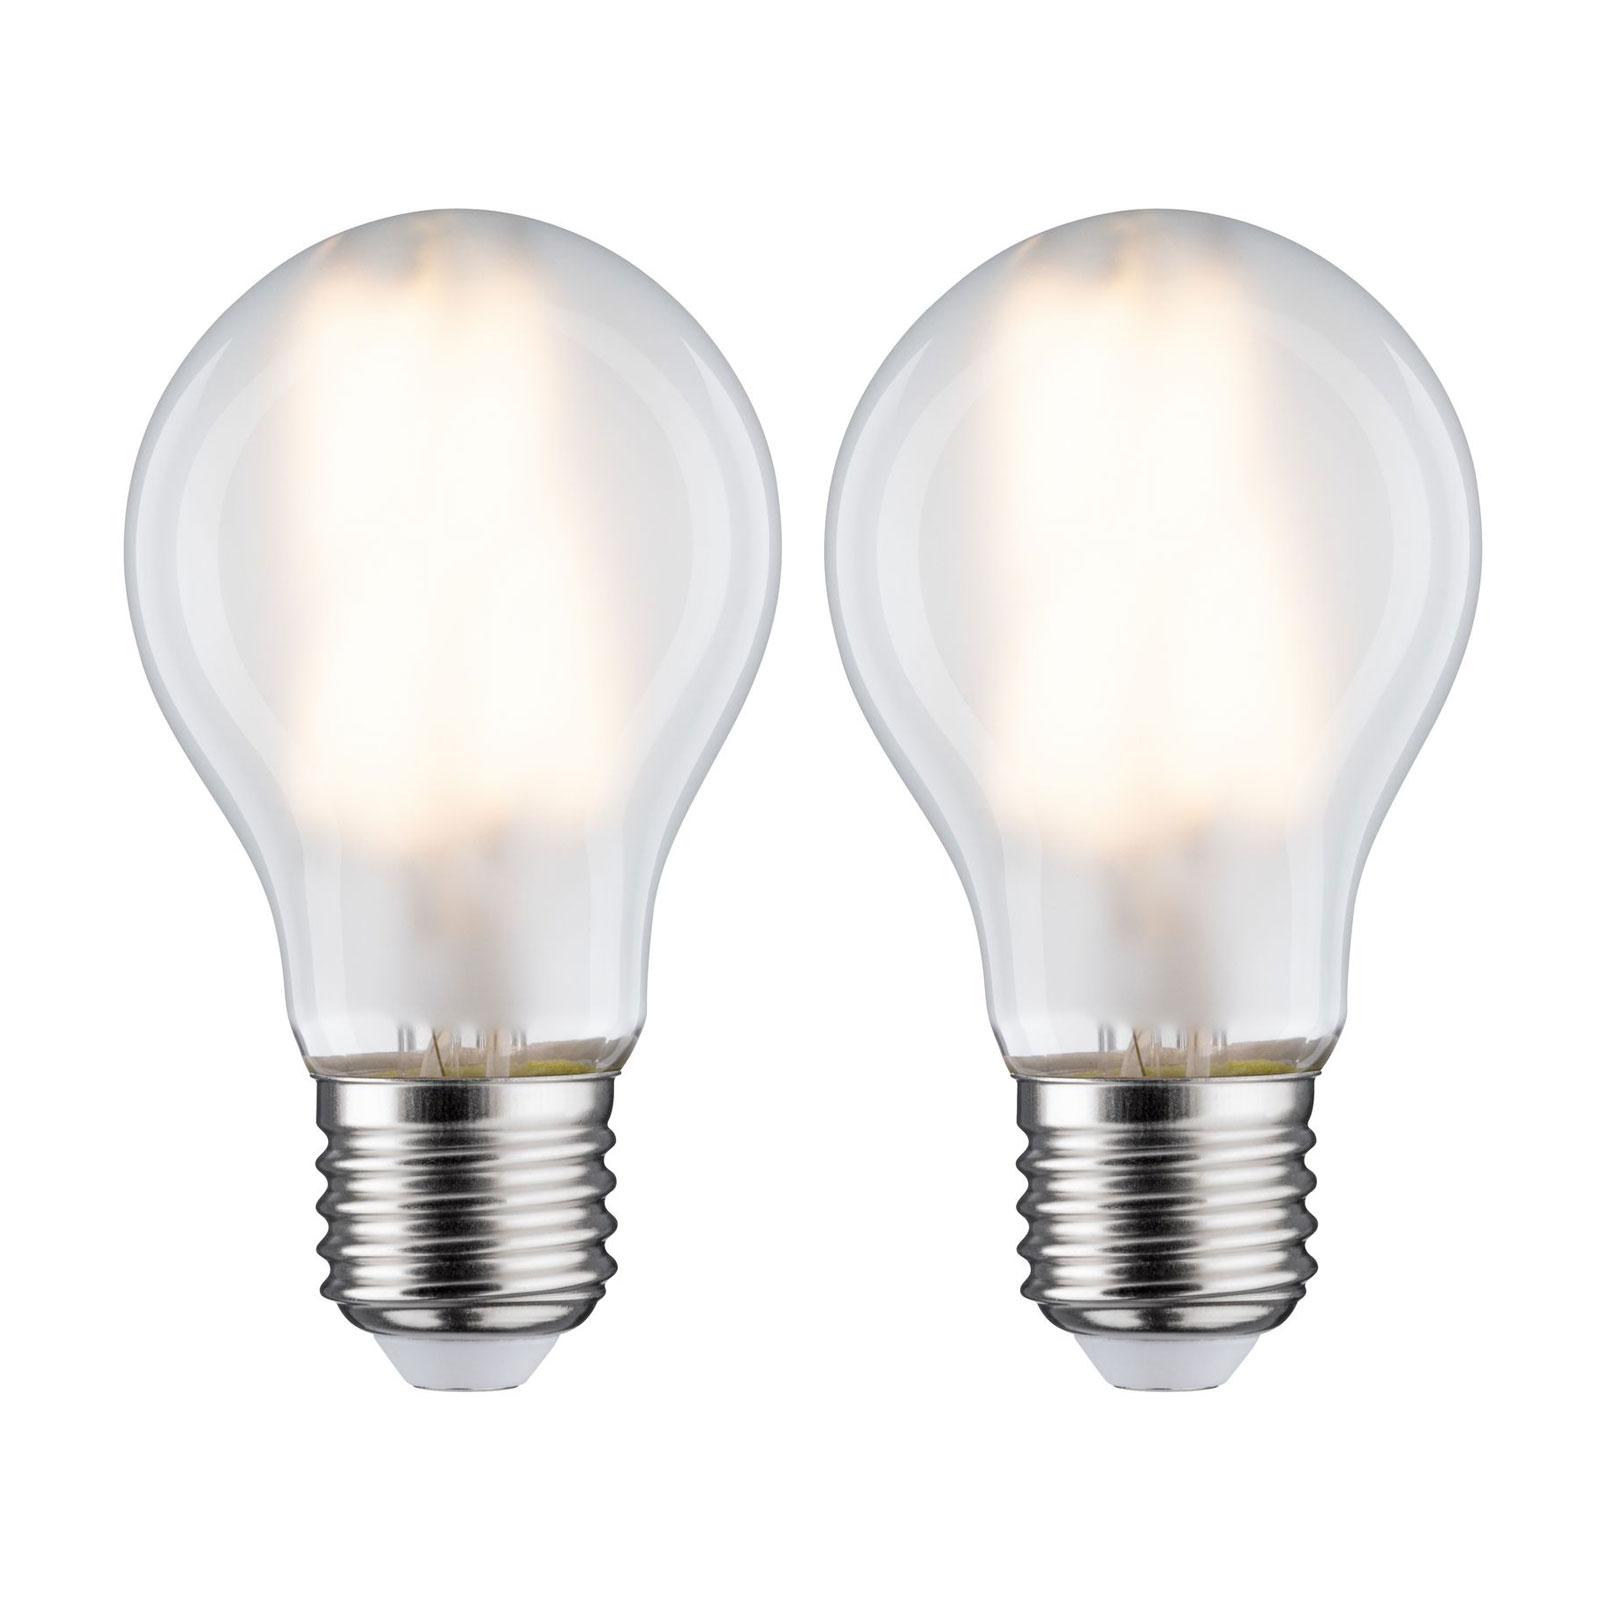 LED-Lampe E27 7W 2.700K matt 2er-Packung